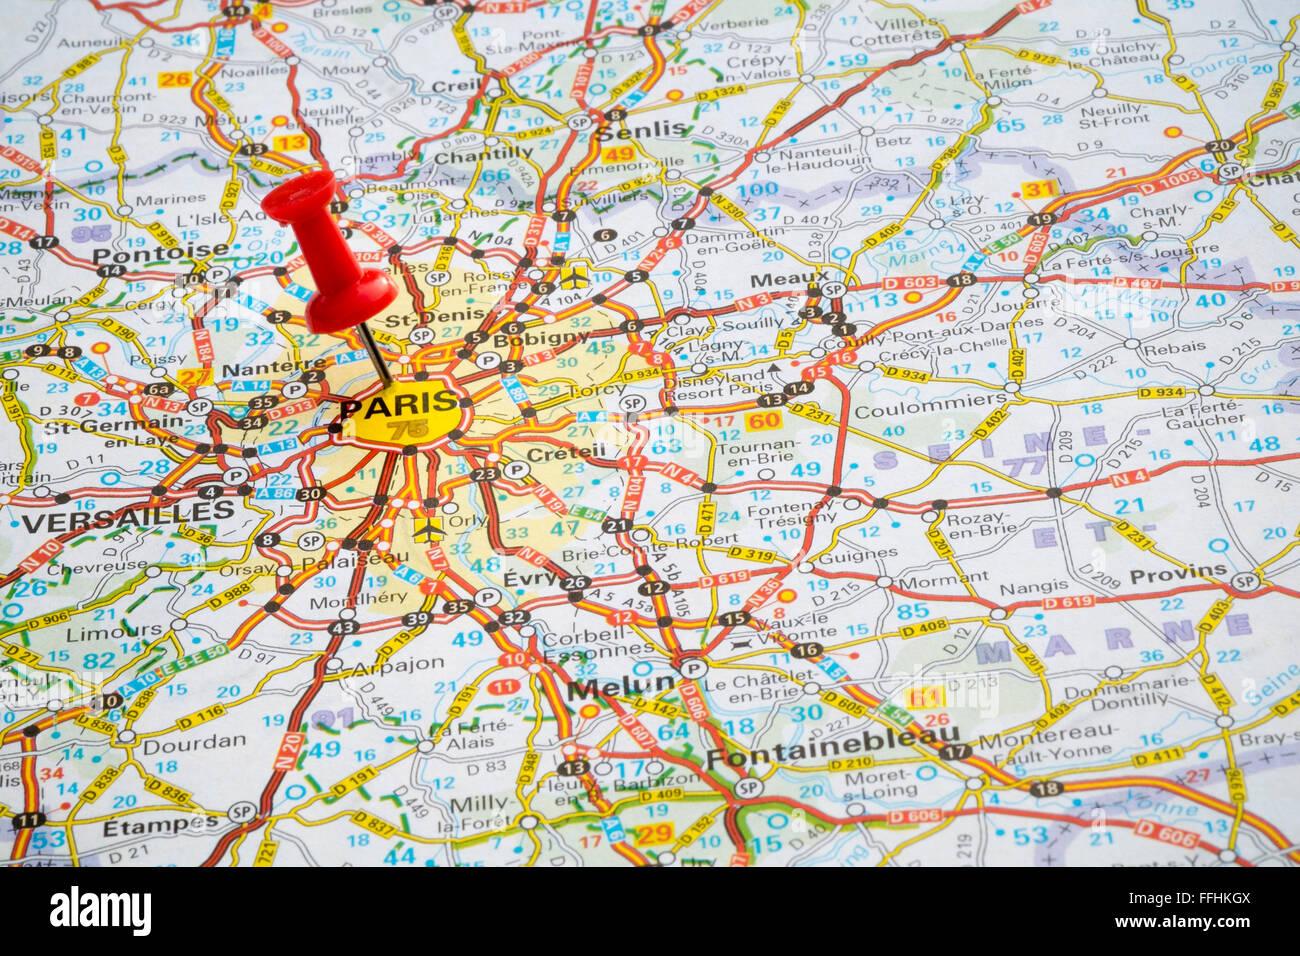 Map pin, Paris, France. - Stock Image